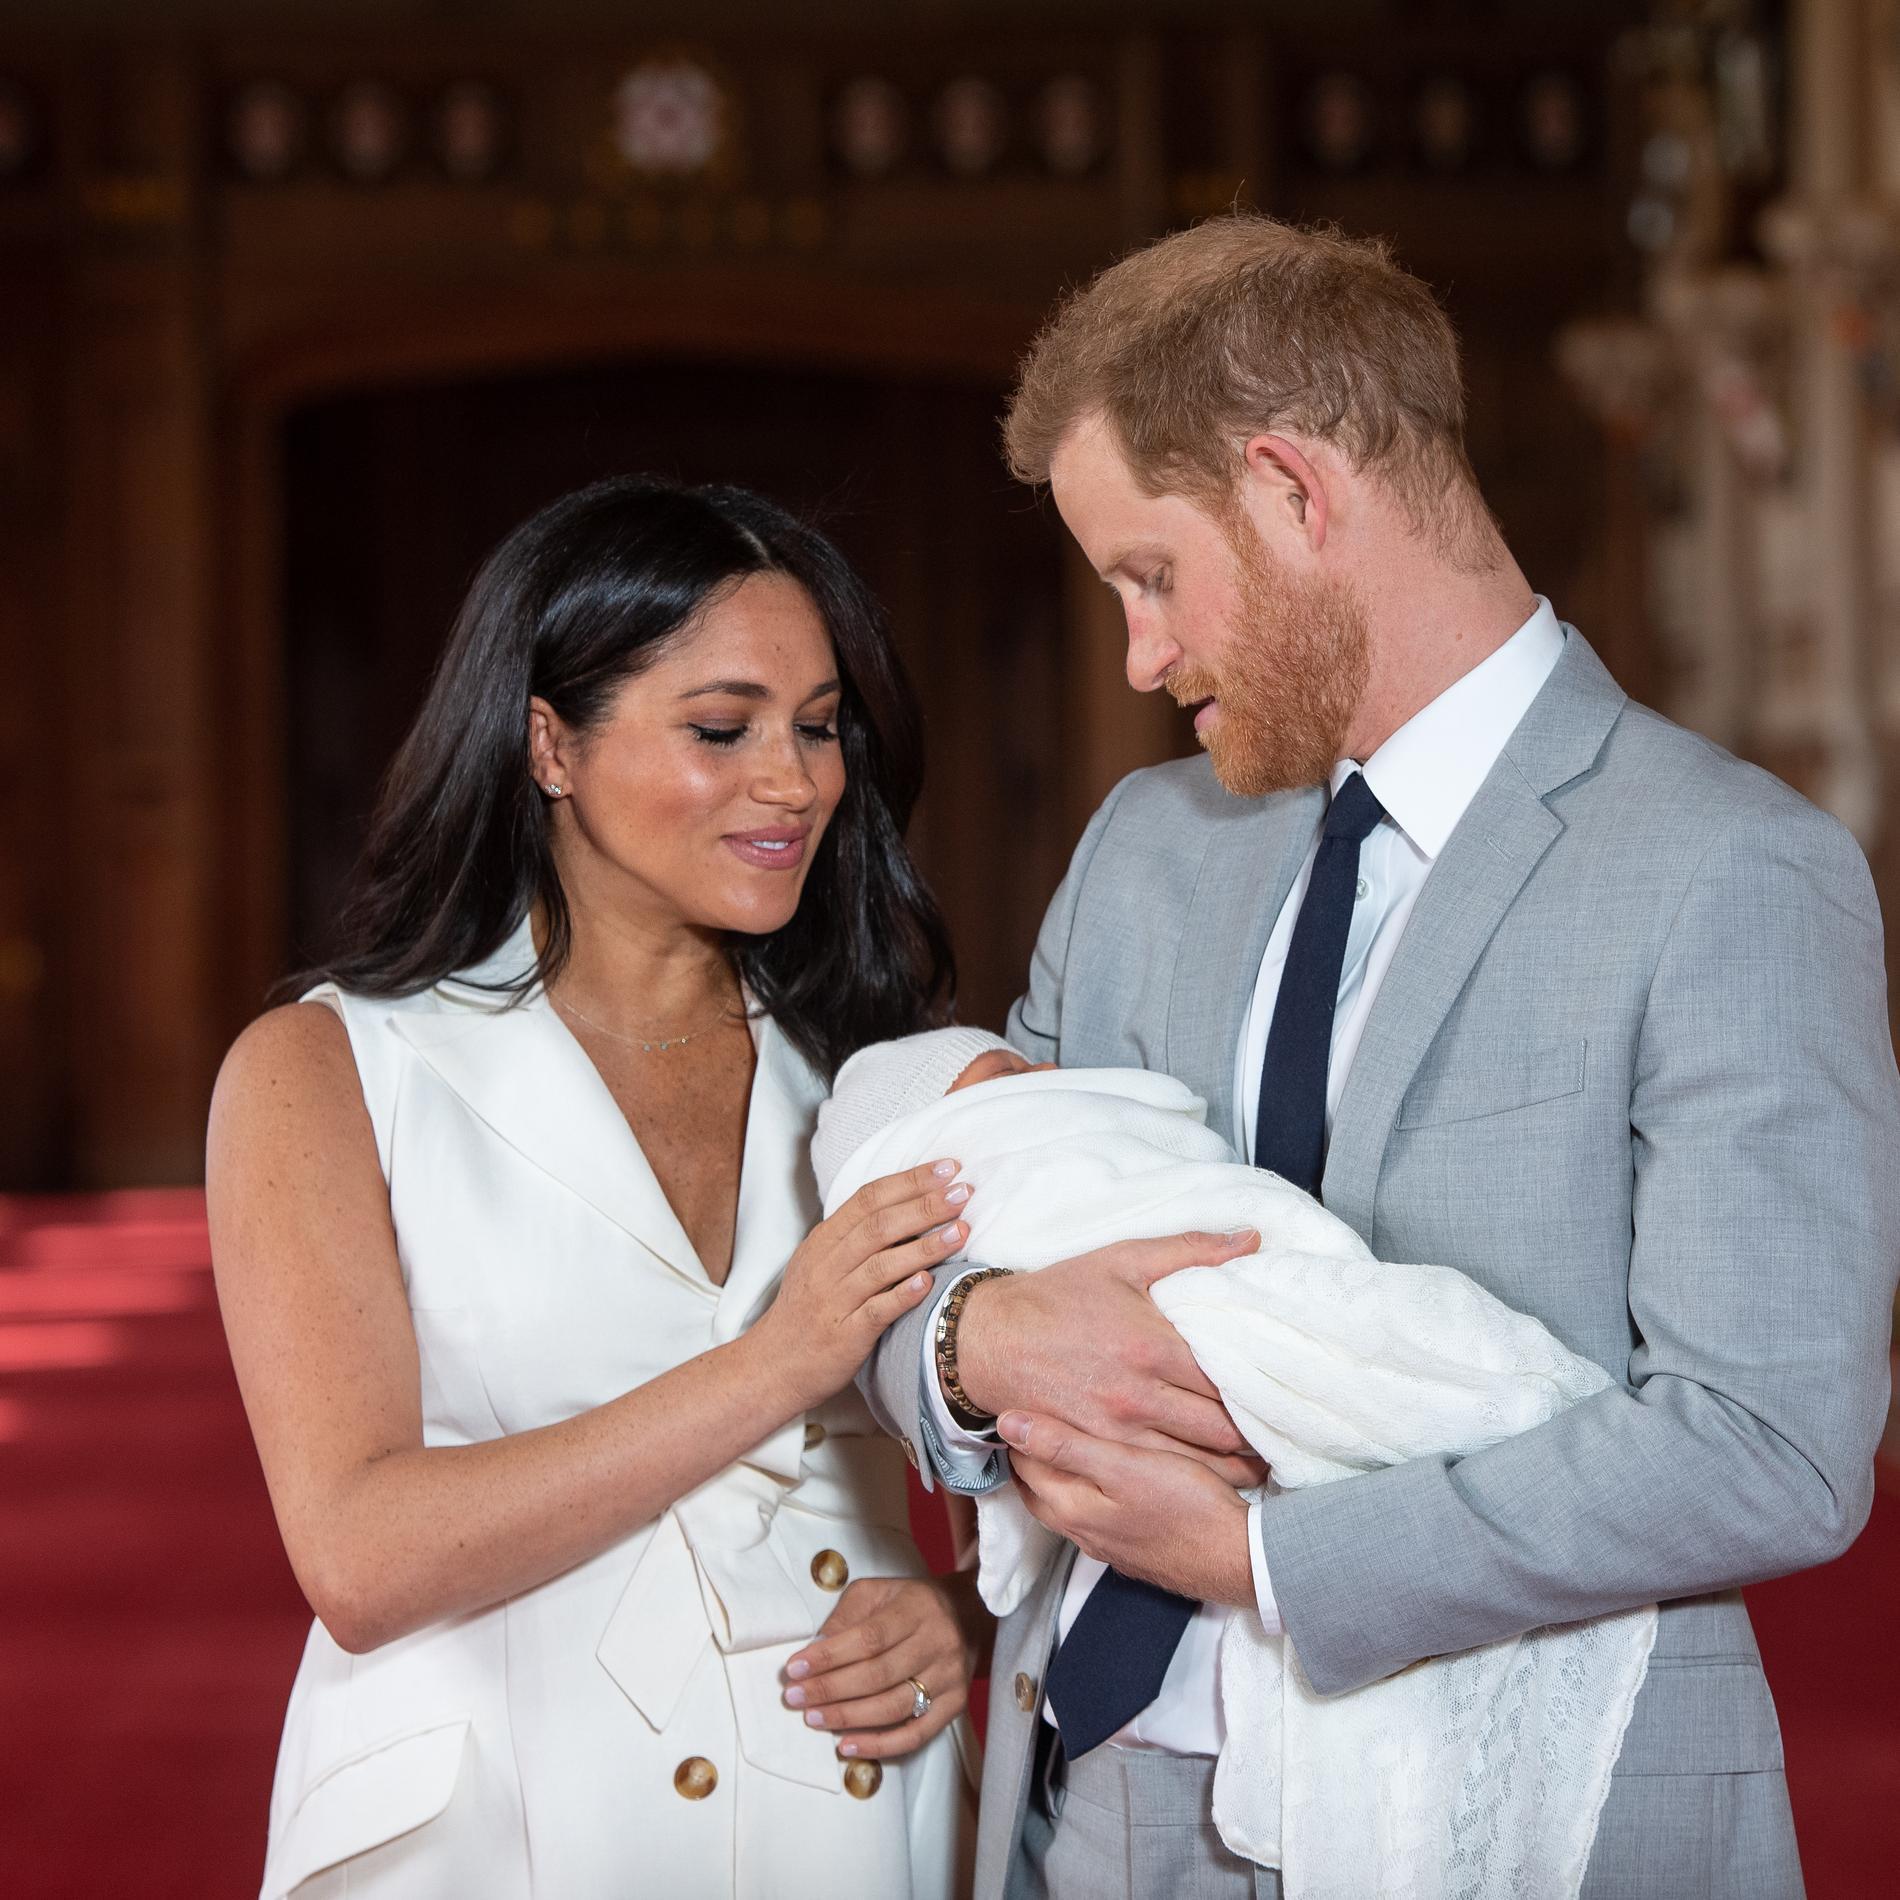 Meghan et Harry avec leur bébé naissant Archie